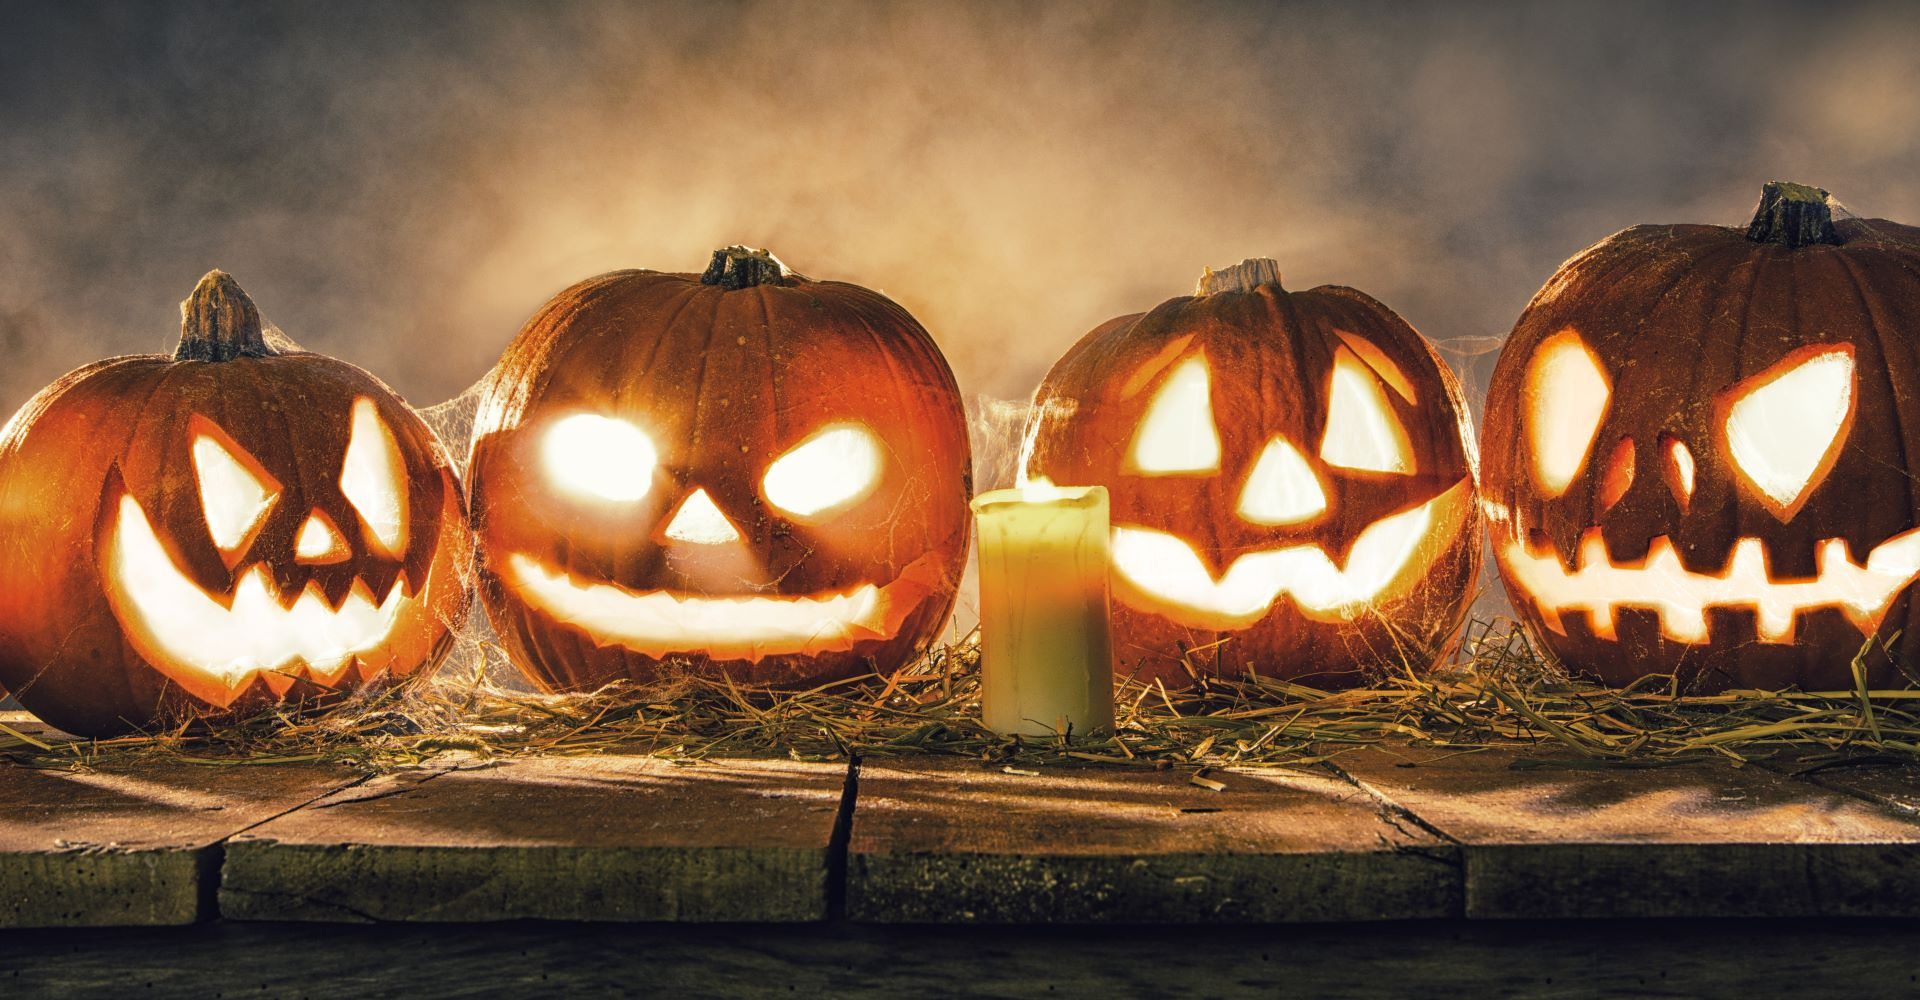 k rbis vorlage download halloween cartoon art im flachen. Black Bedroom Furniture Sets. Home Design Ideas